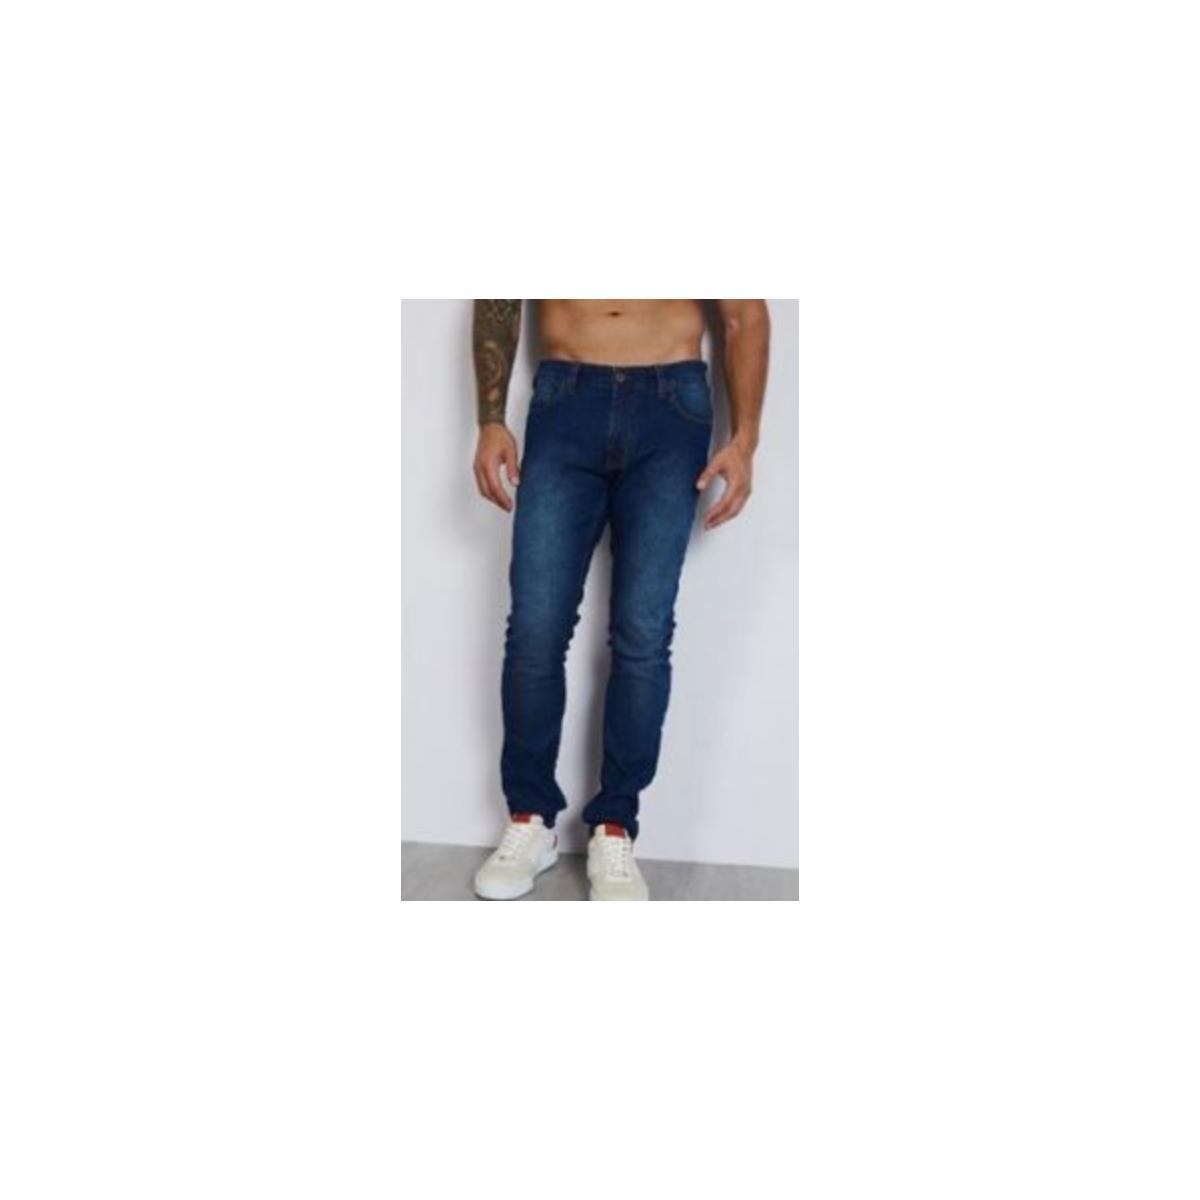 Calça Masculina Colcci 10106351 600 Jeans